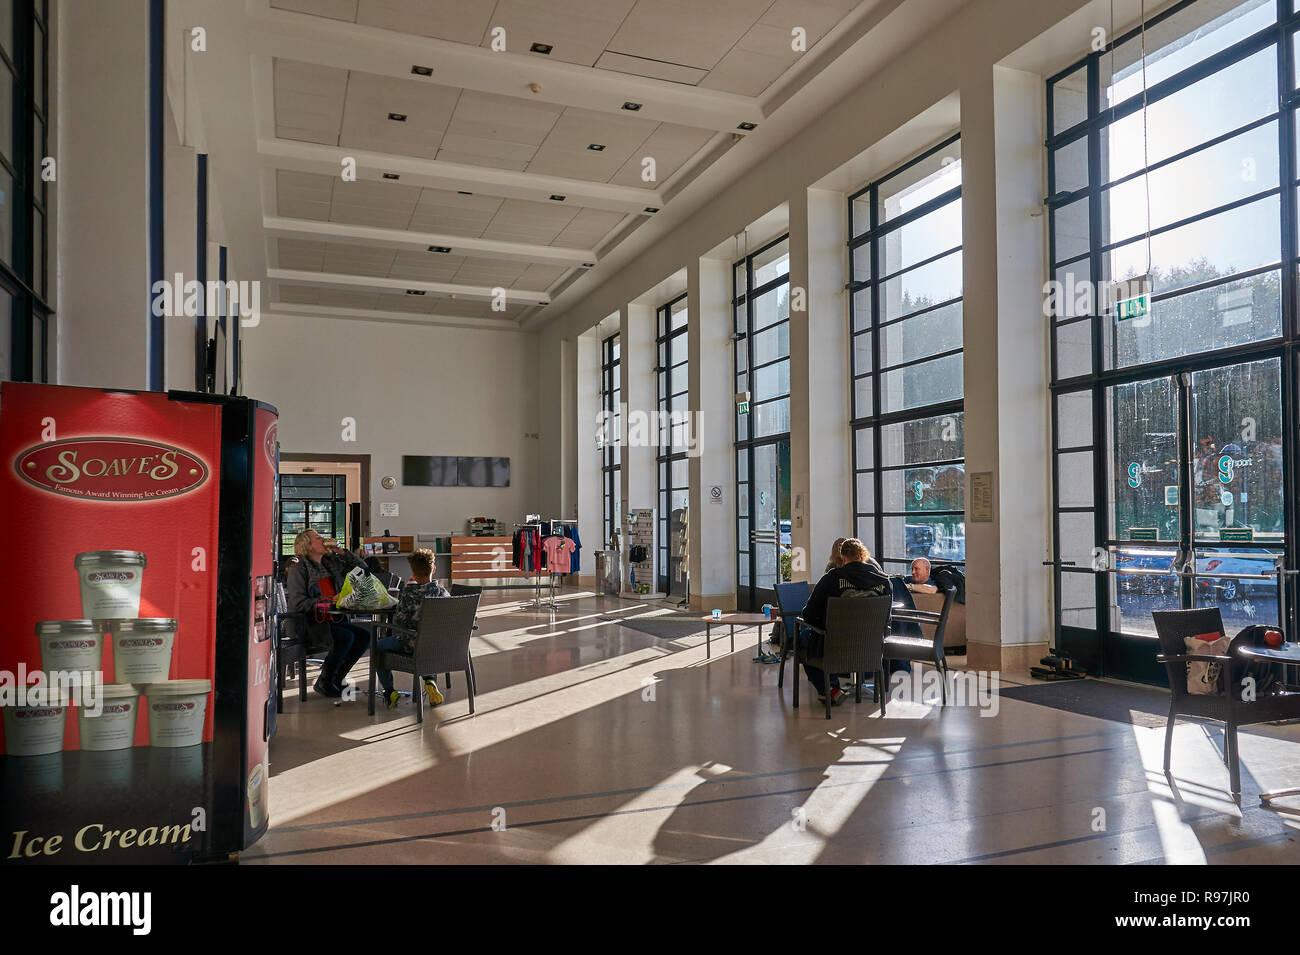 El interior del palacio de arte en edificio Bellhouston Park en Glasgow, Escocia. Imagen De Stock